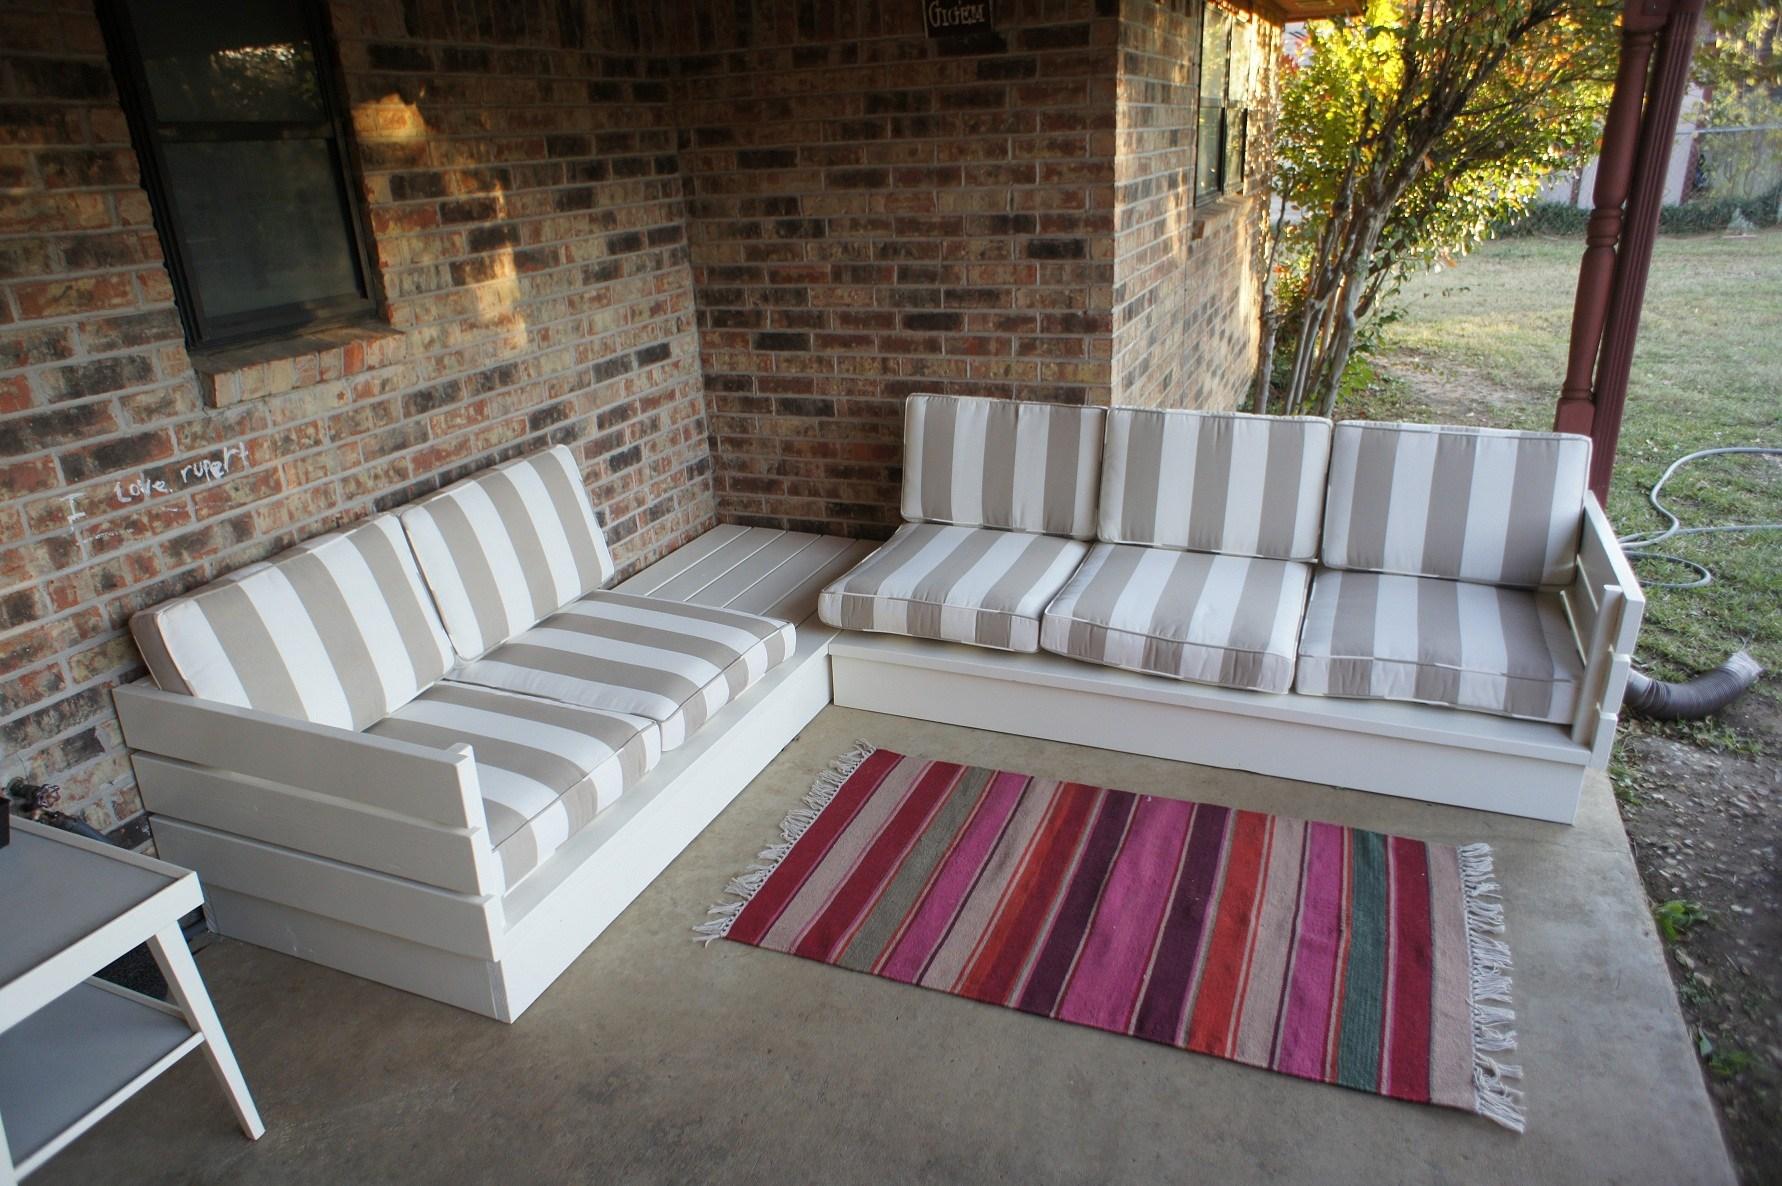 View In Gallery Diy Pallet Sofa Set Putih Untuk Perabot Luar Rumah